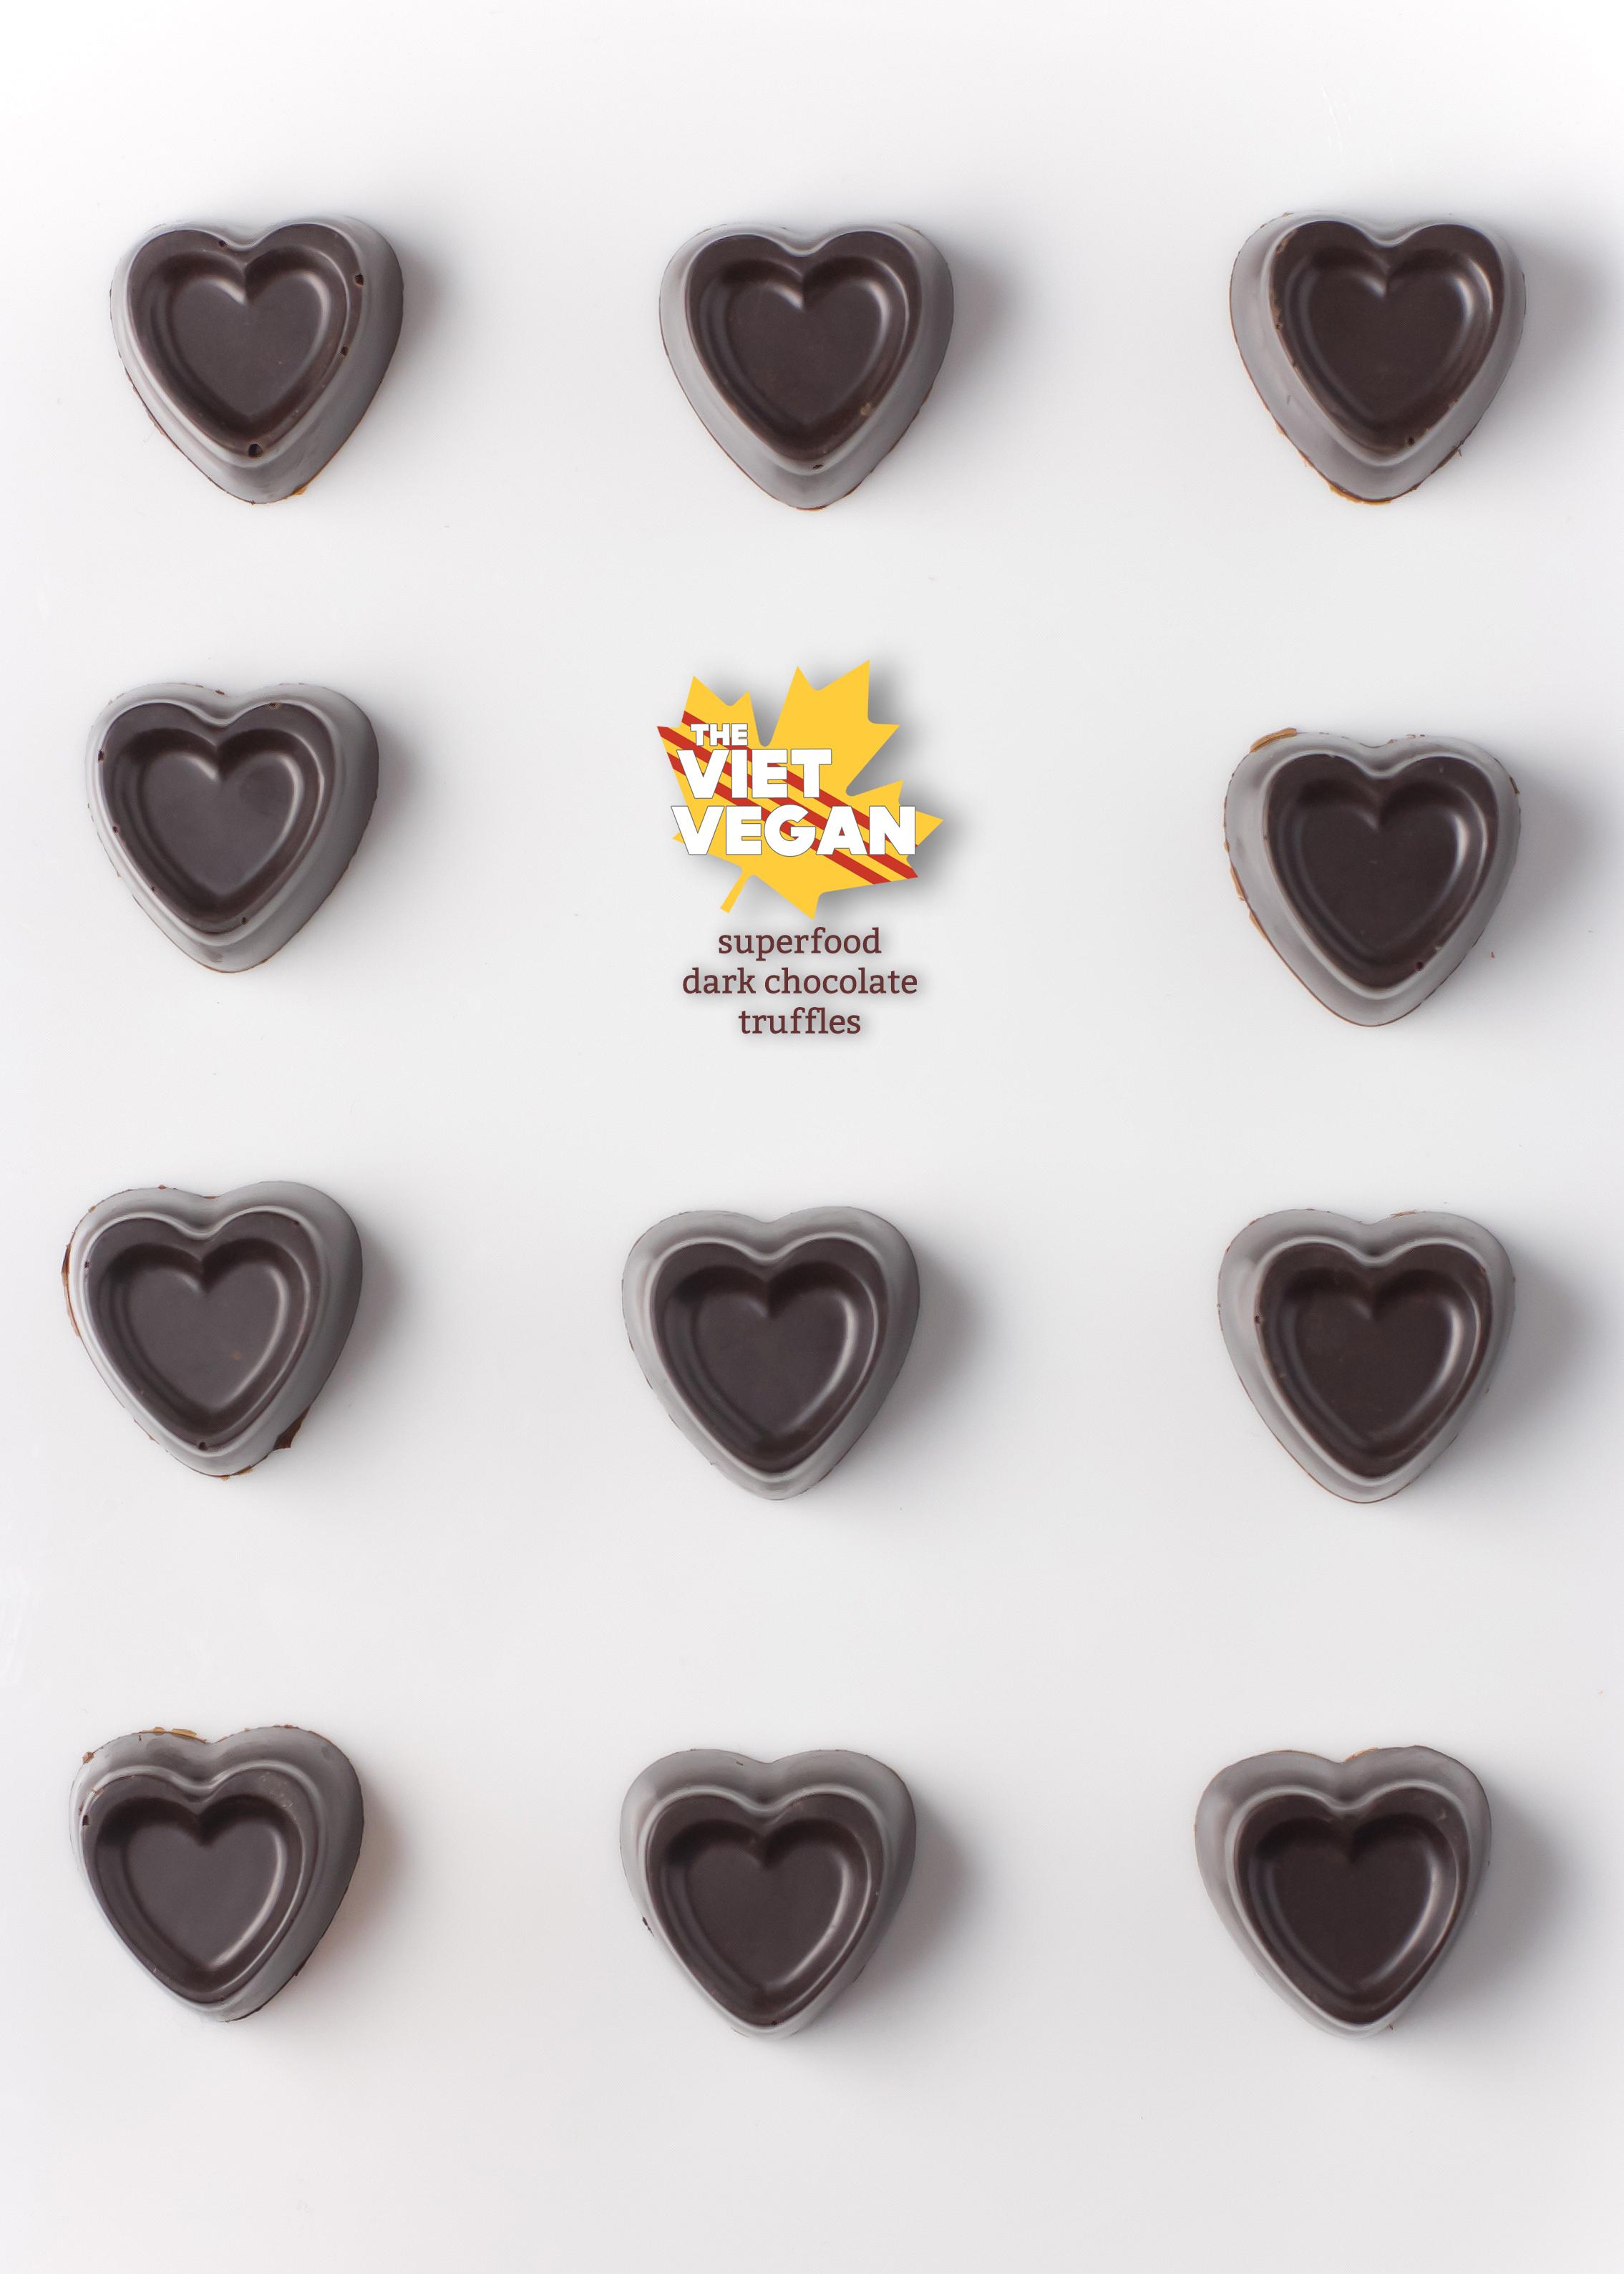 Superfood Dark Chocolate Truffles